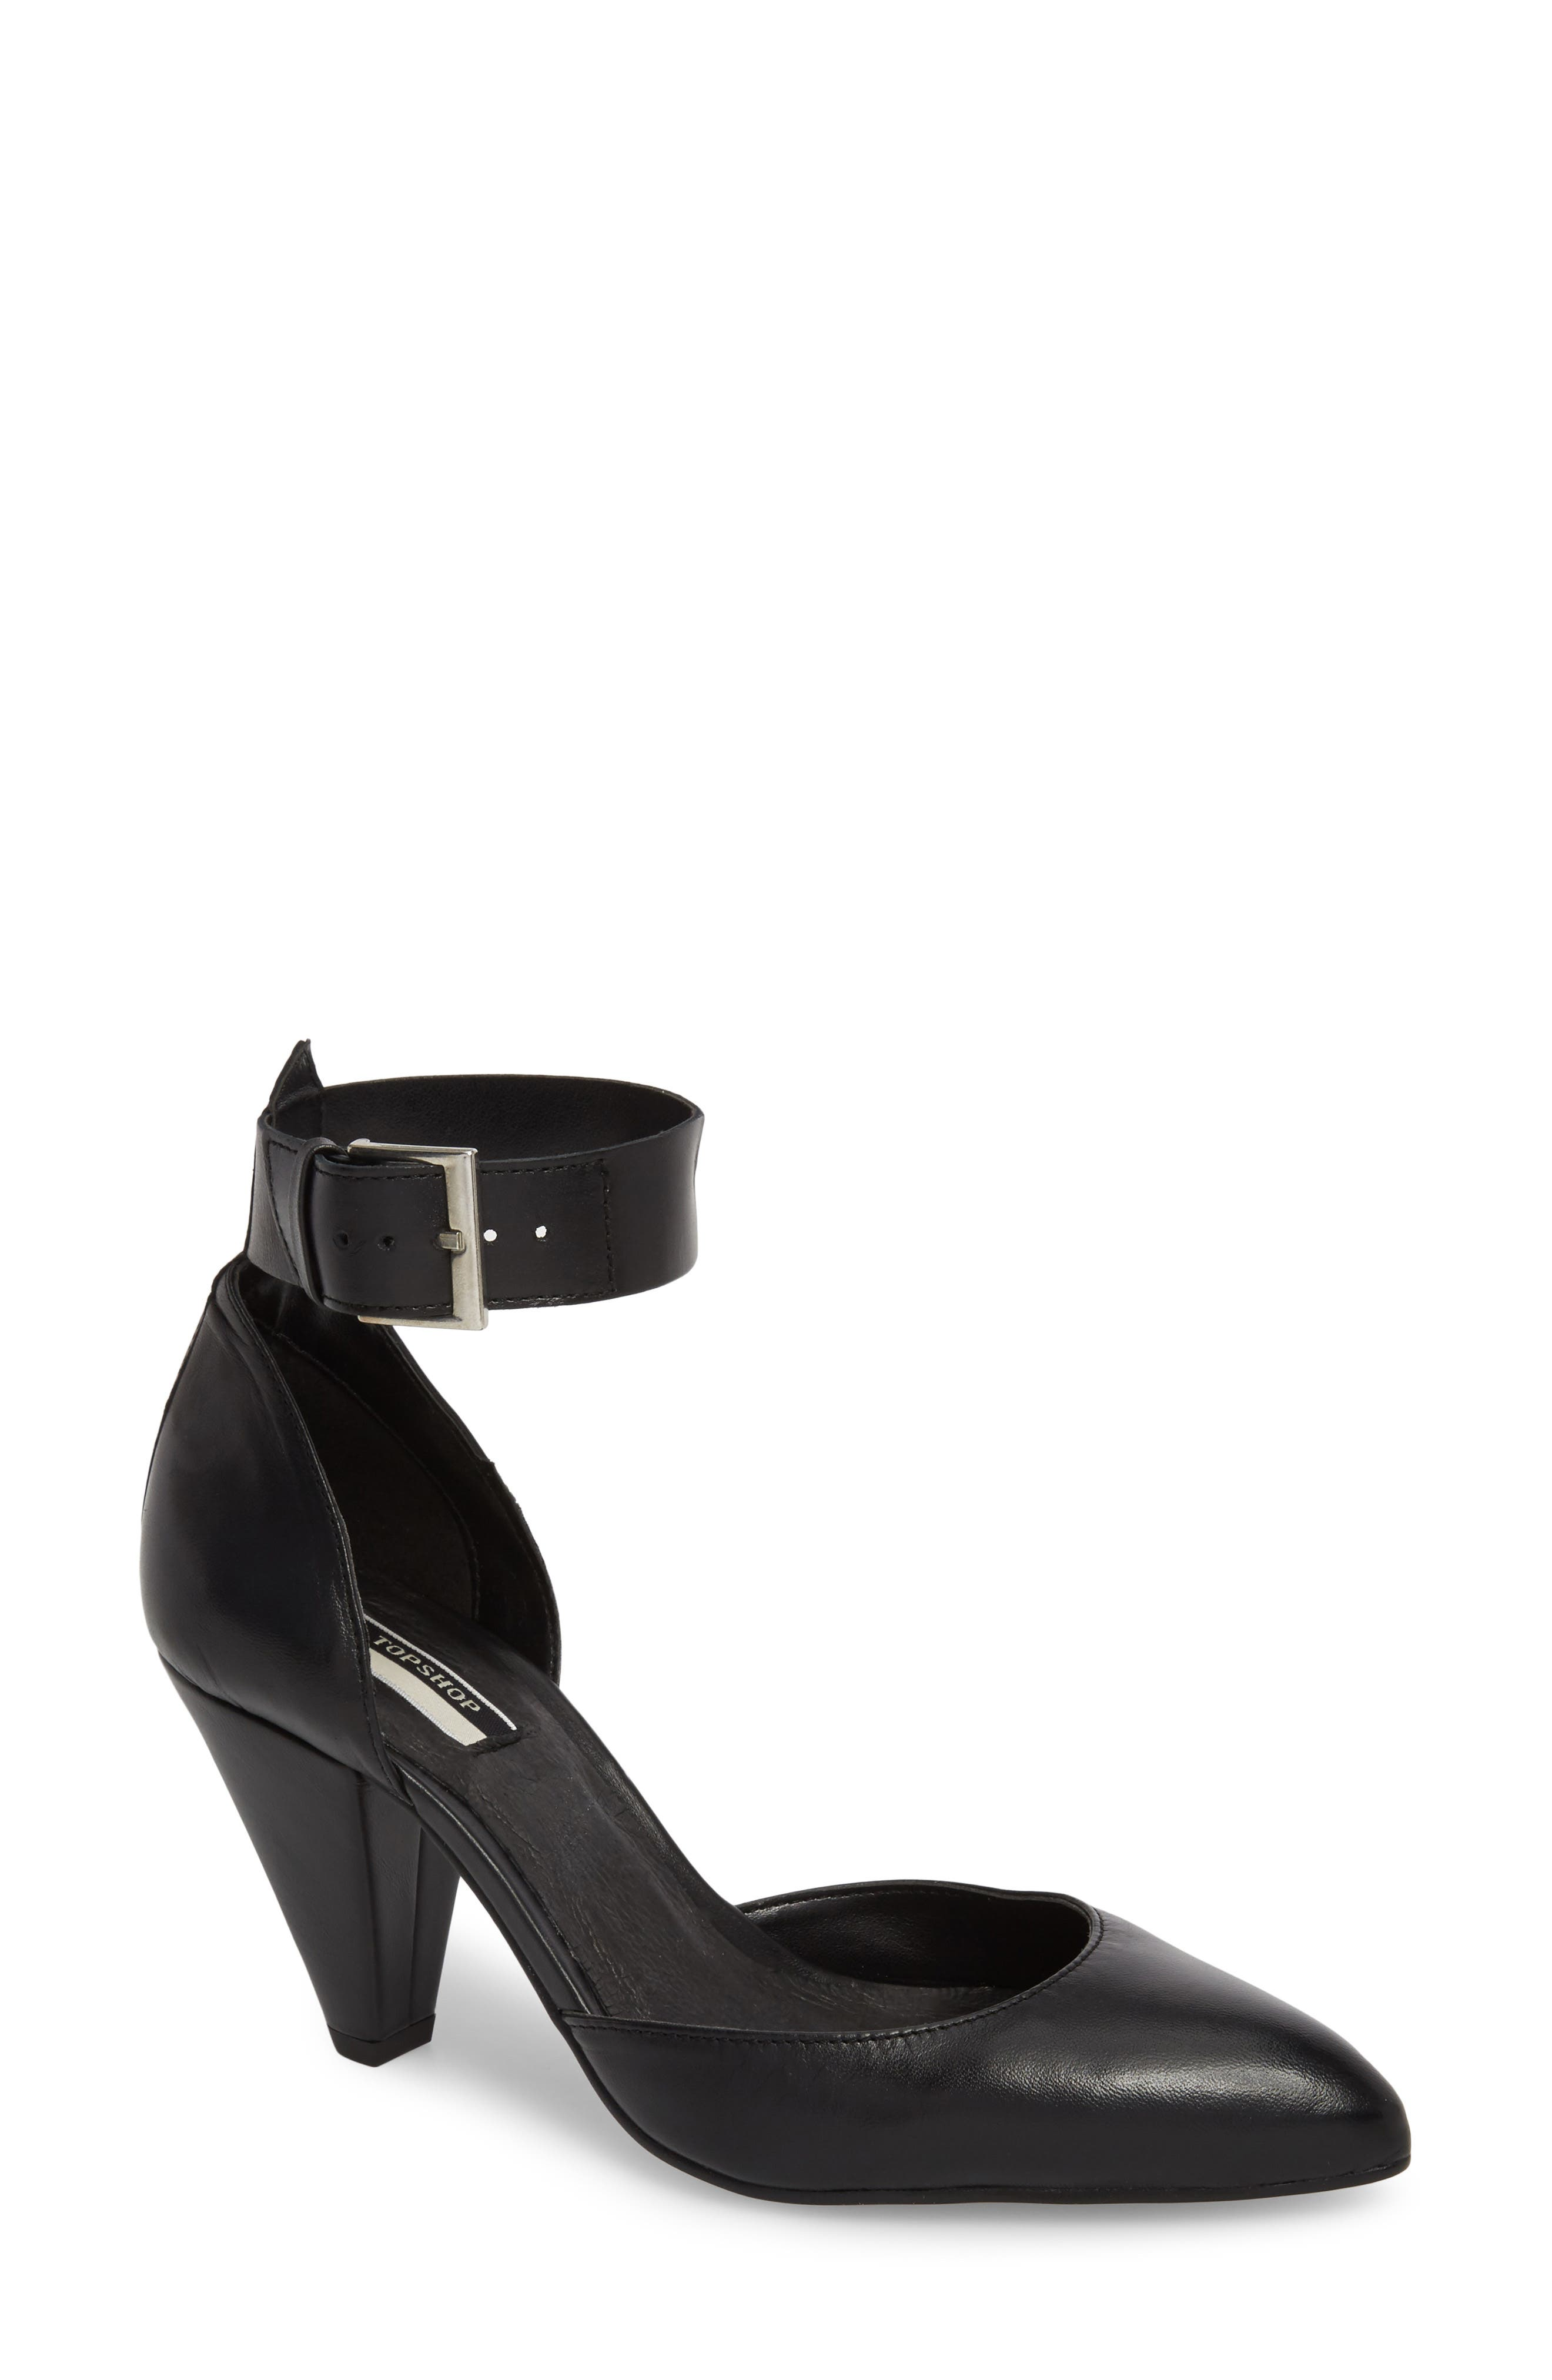 Jazzie Ankle Strap d'Orsay Pump,                             Main thumbnail 1, color,                             BLACK